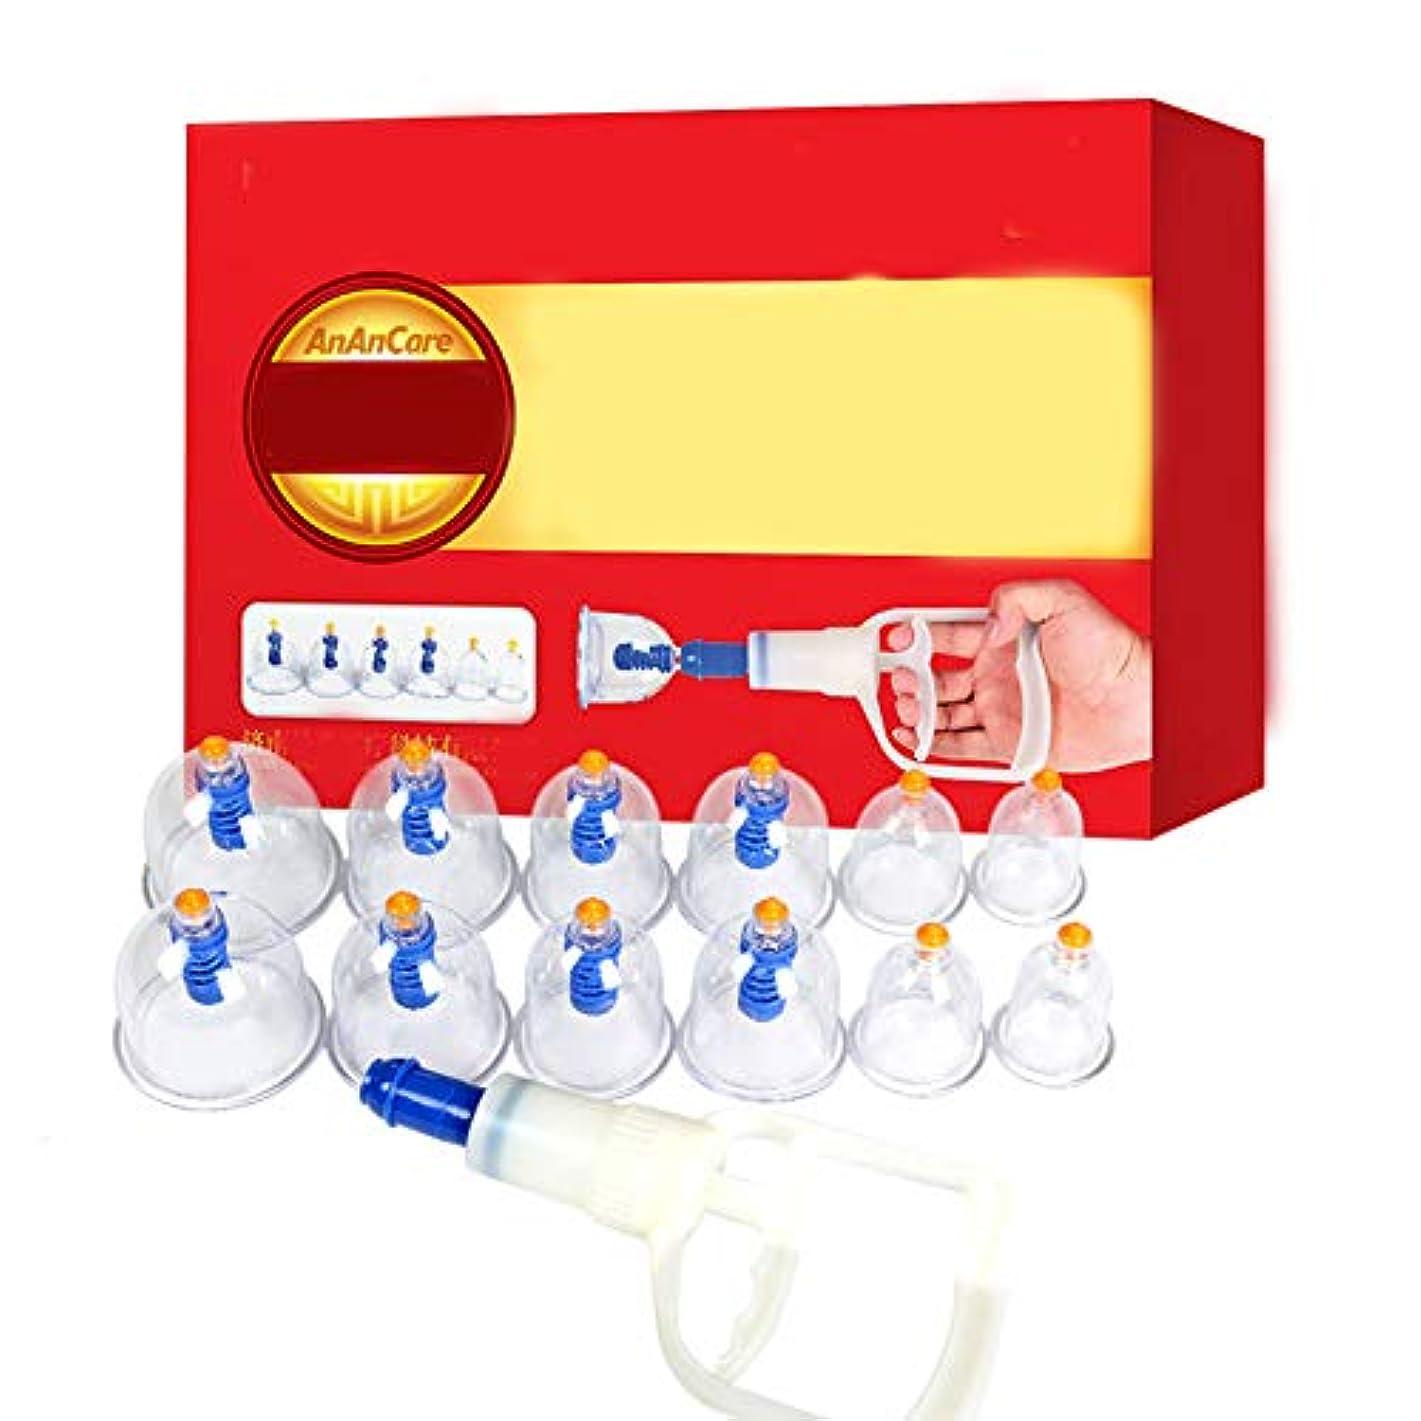 絶望スカープからかう12カップマッサージカッピングセット、真空吸引磁気ポンププロフェッショナル、ボディマッサージの痛みを軽減する理学療法ポンプガン延長チューブで毒素を排出